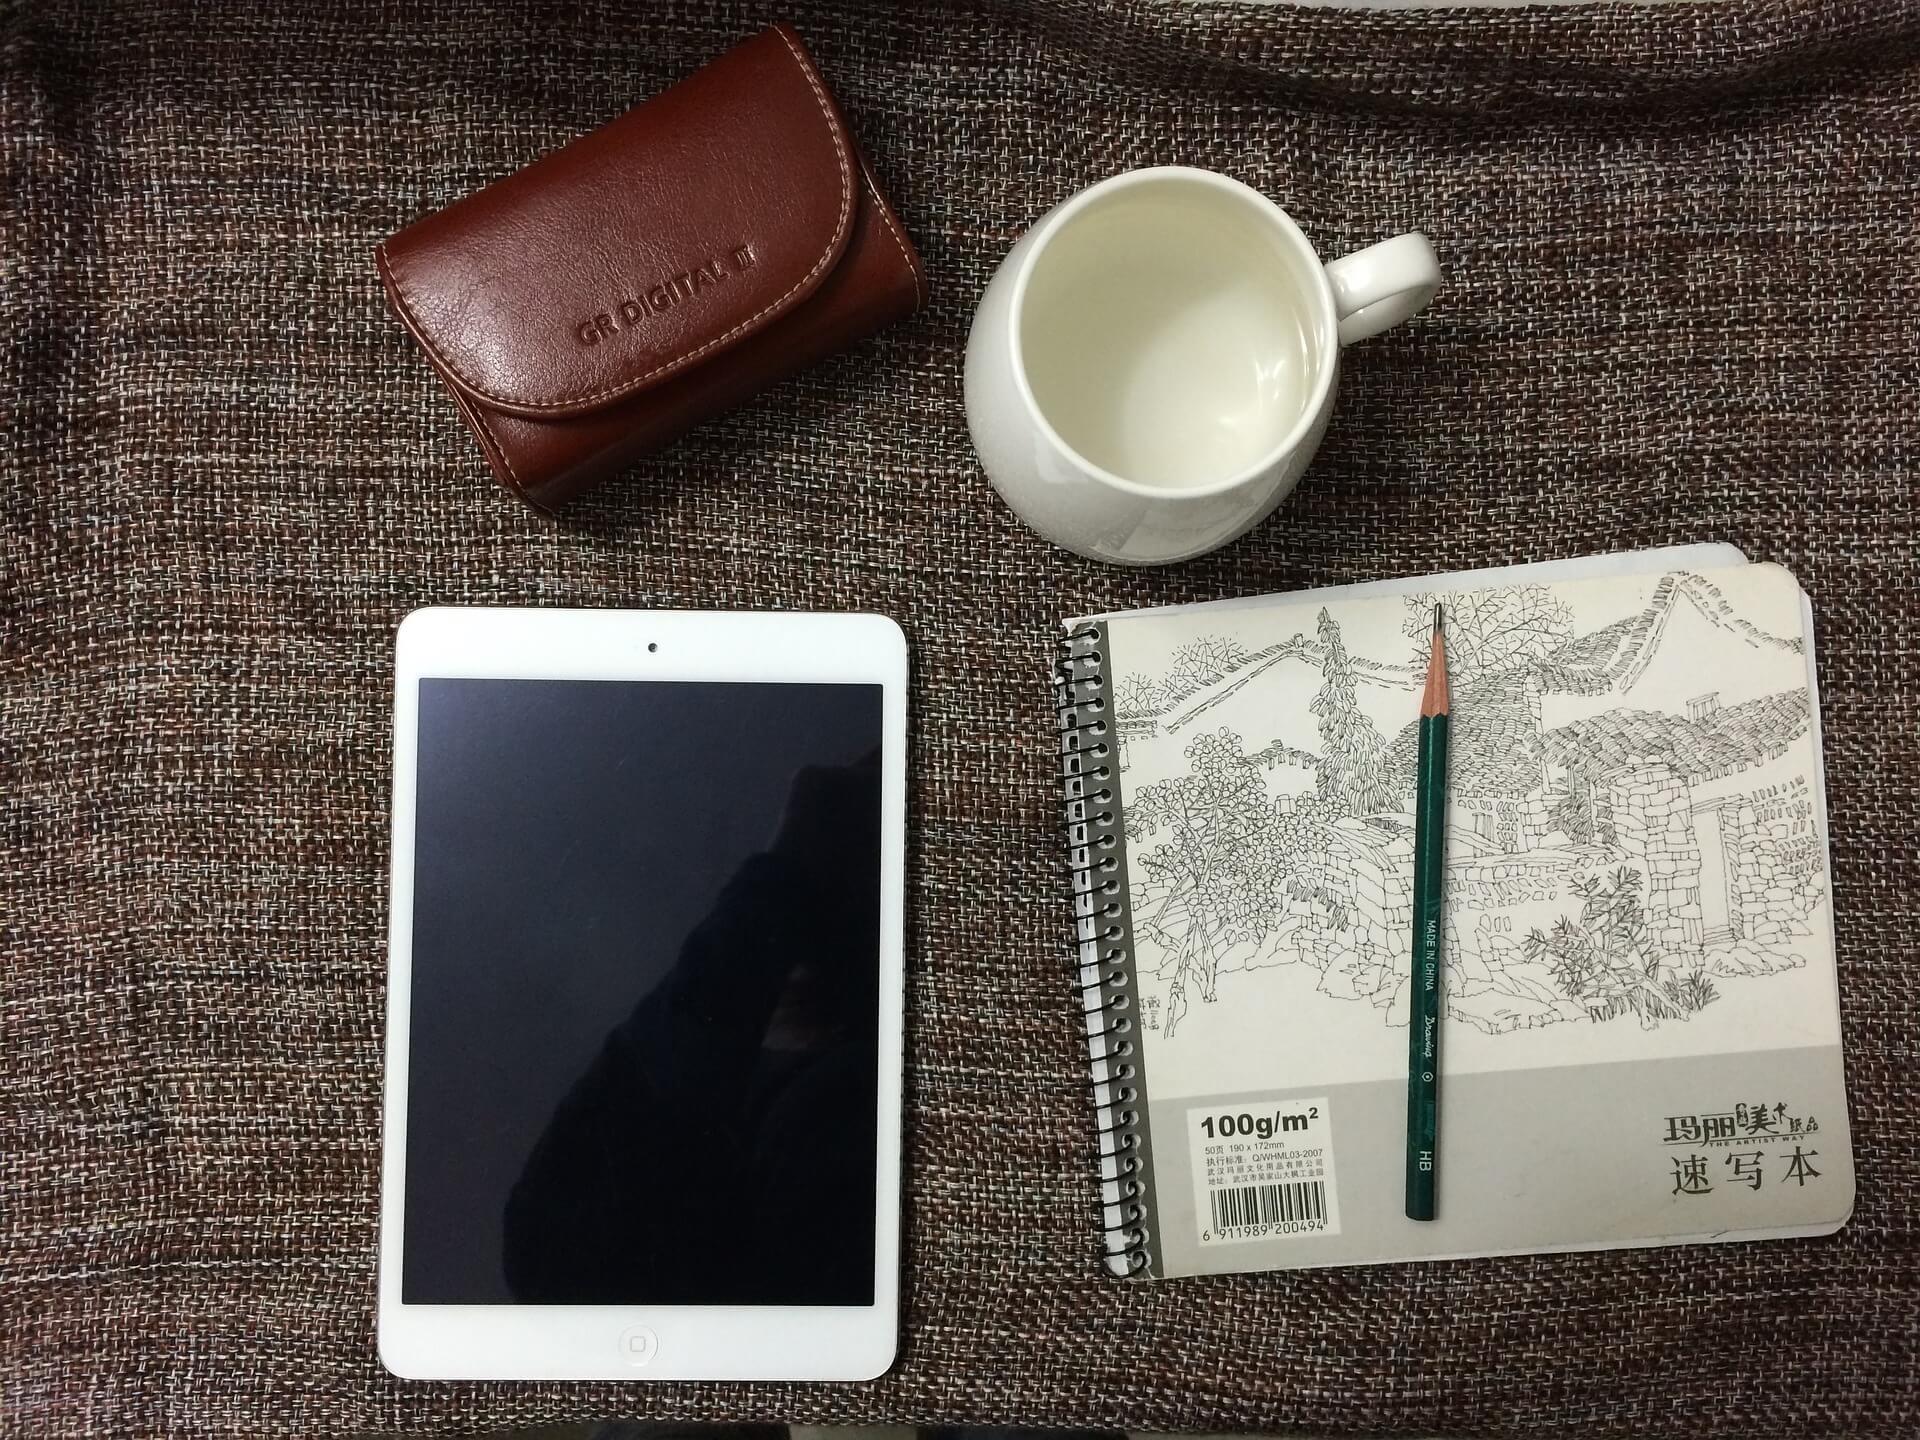 平板電腦,筆,杯子